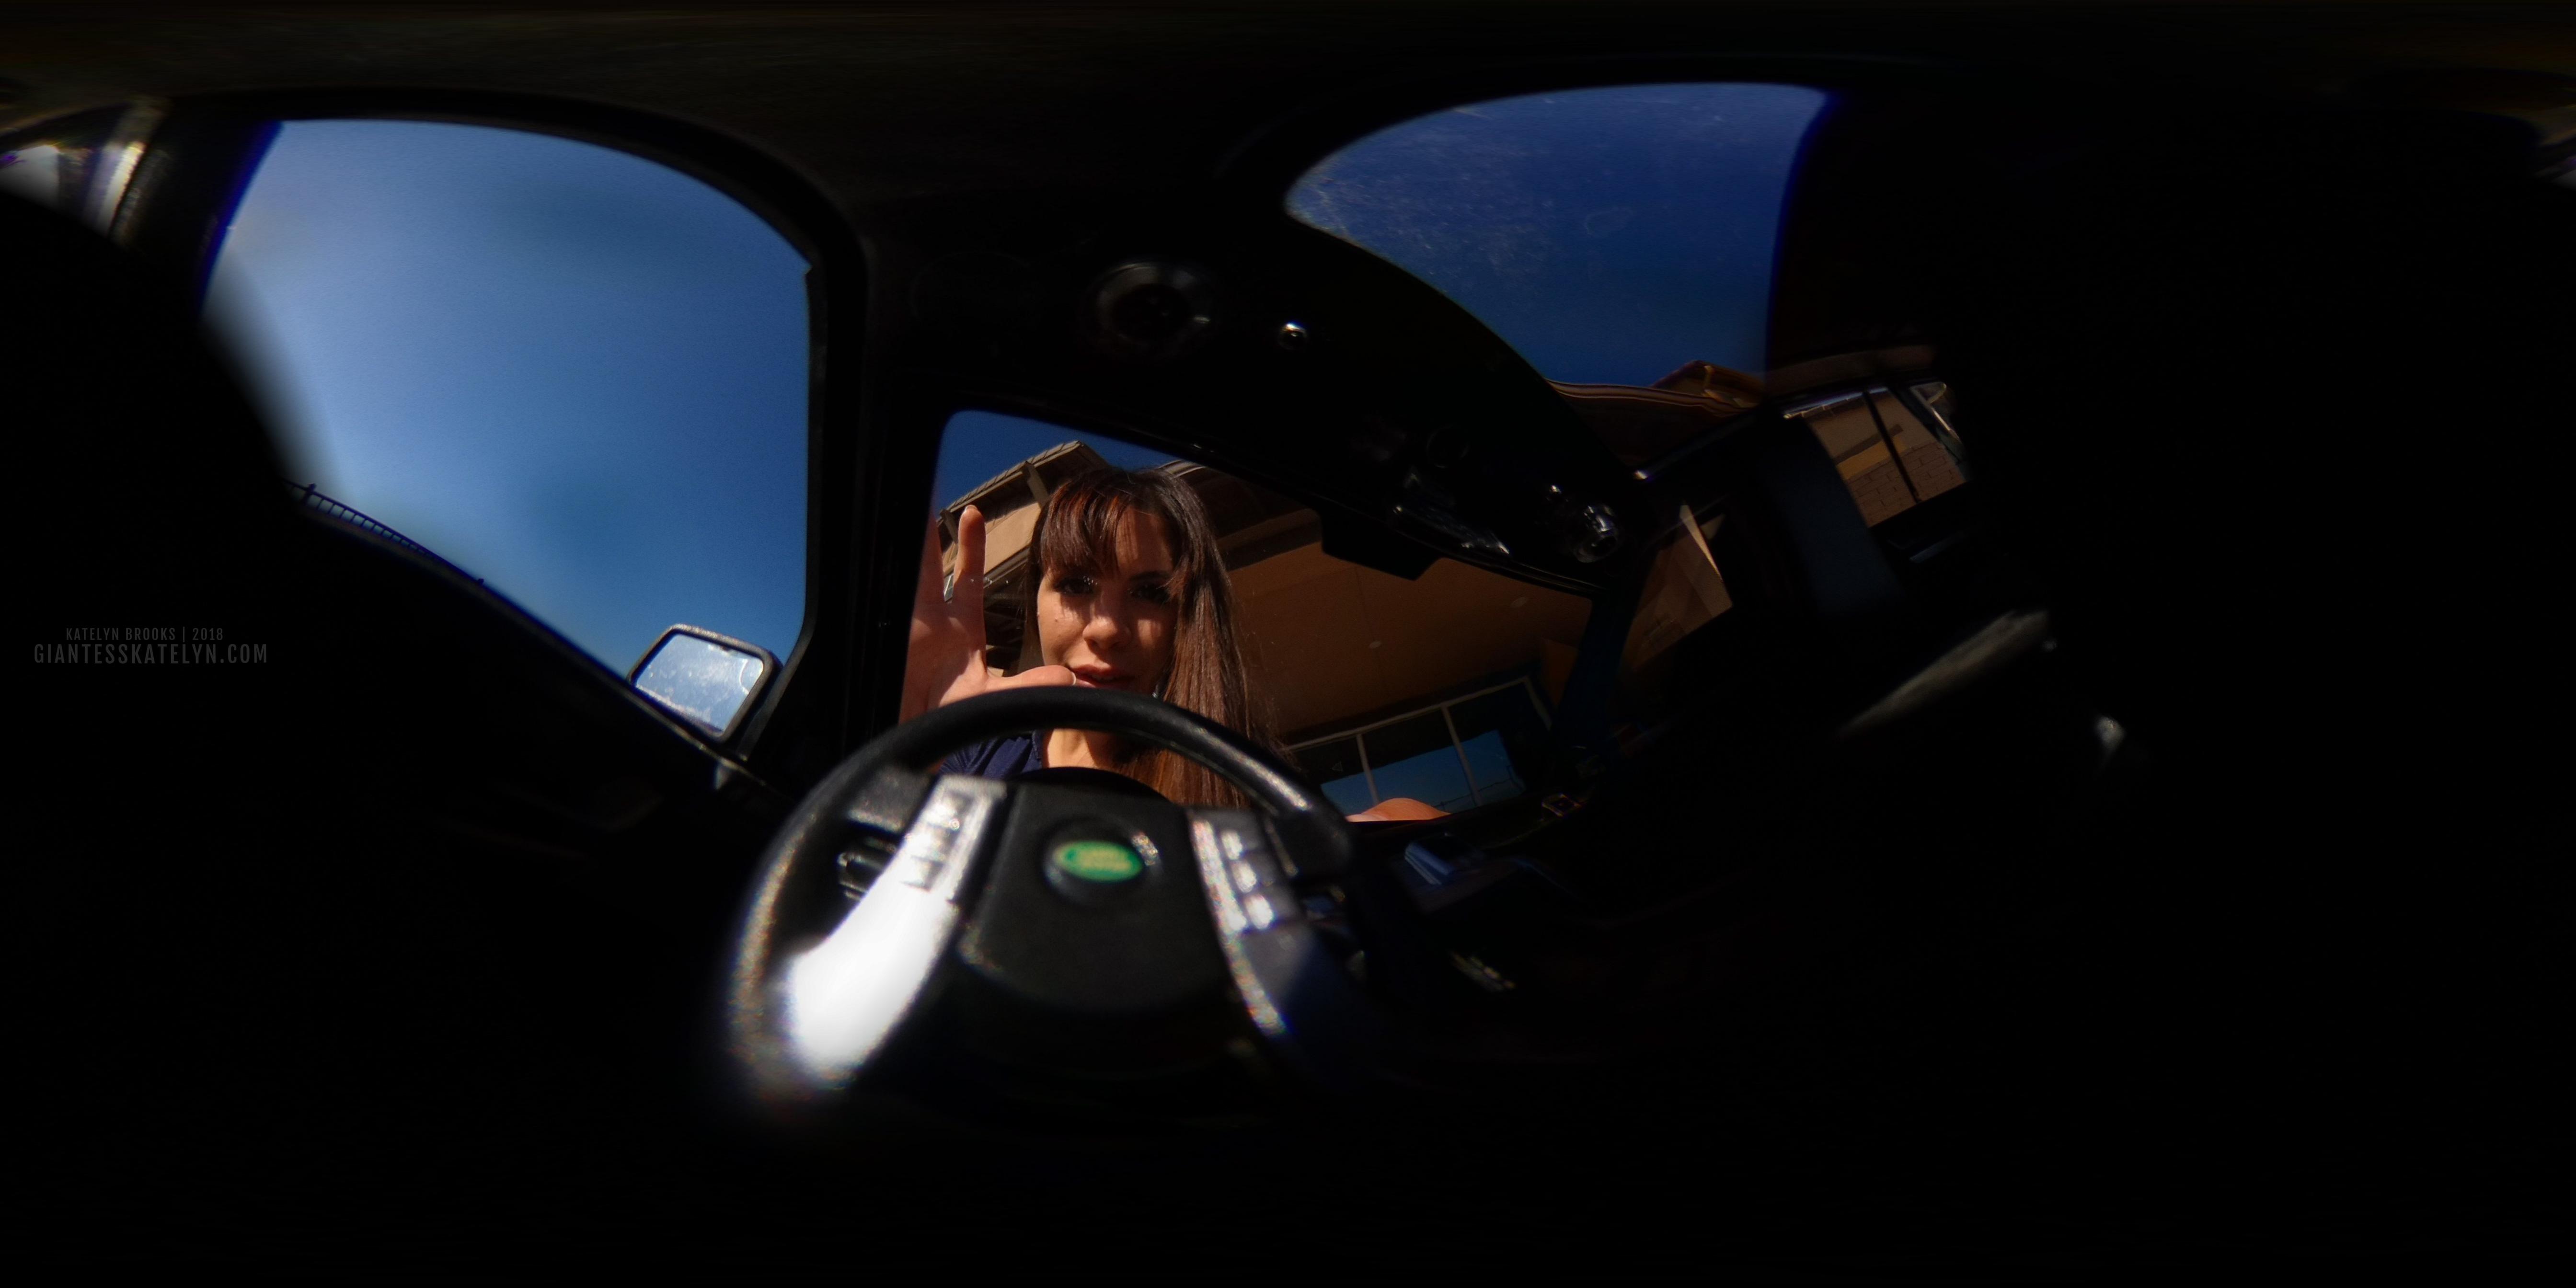 360-4k-vr-shrunken-man-pov-inside-car-19